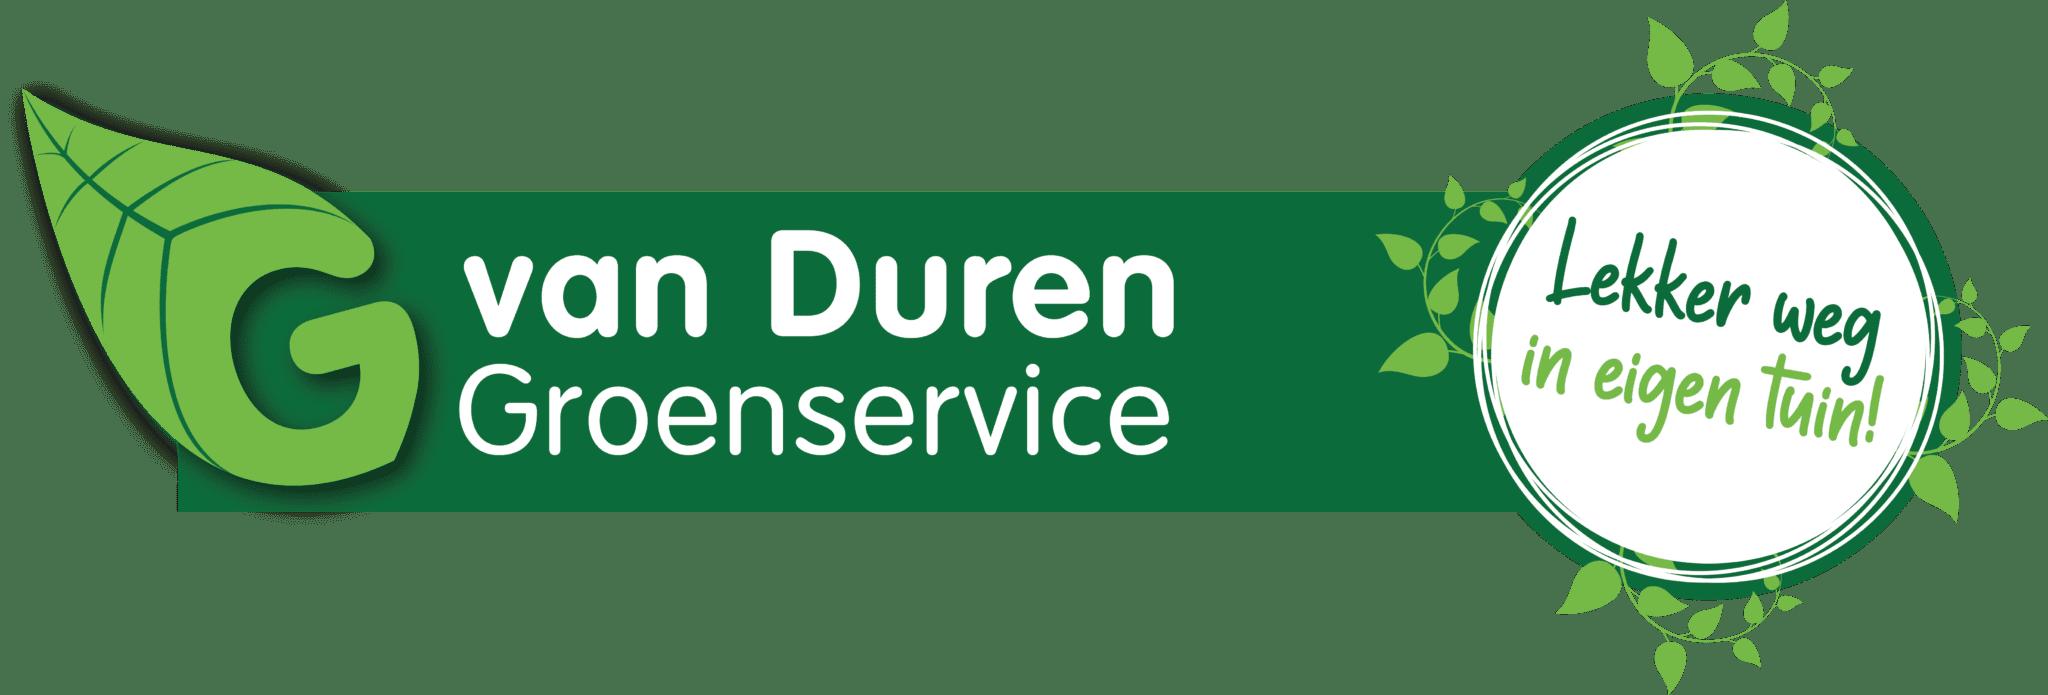 Van Duren Groenservice logo